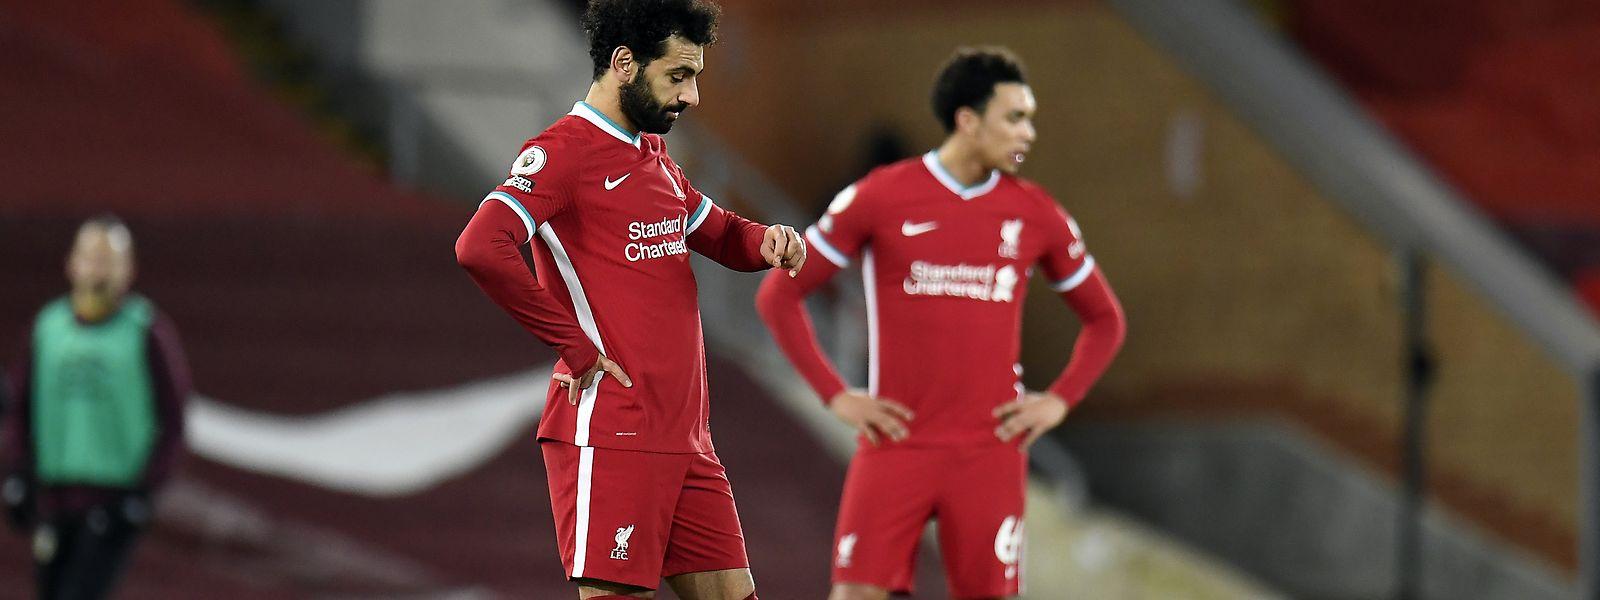 Mohamed Salah und Trent Alexander-Arnold (r.) vom FC Liverpool müssen wieder in die Erfolgsspur zurückfinden.